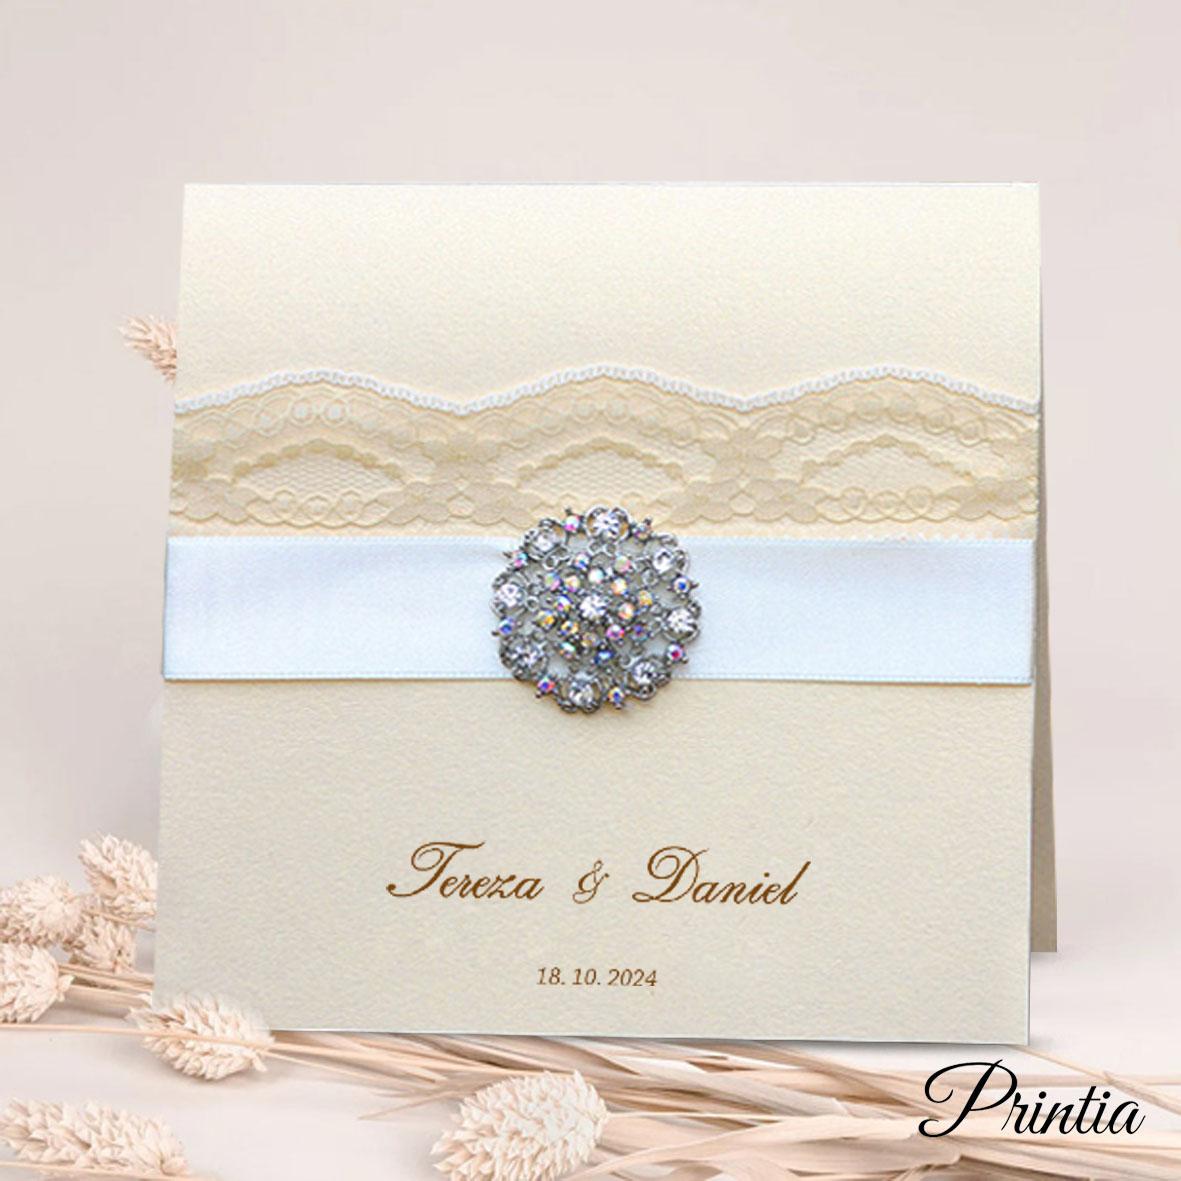 Luxusní svatební oznámení s krajkou